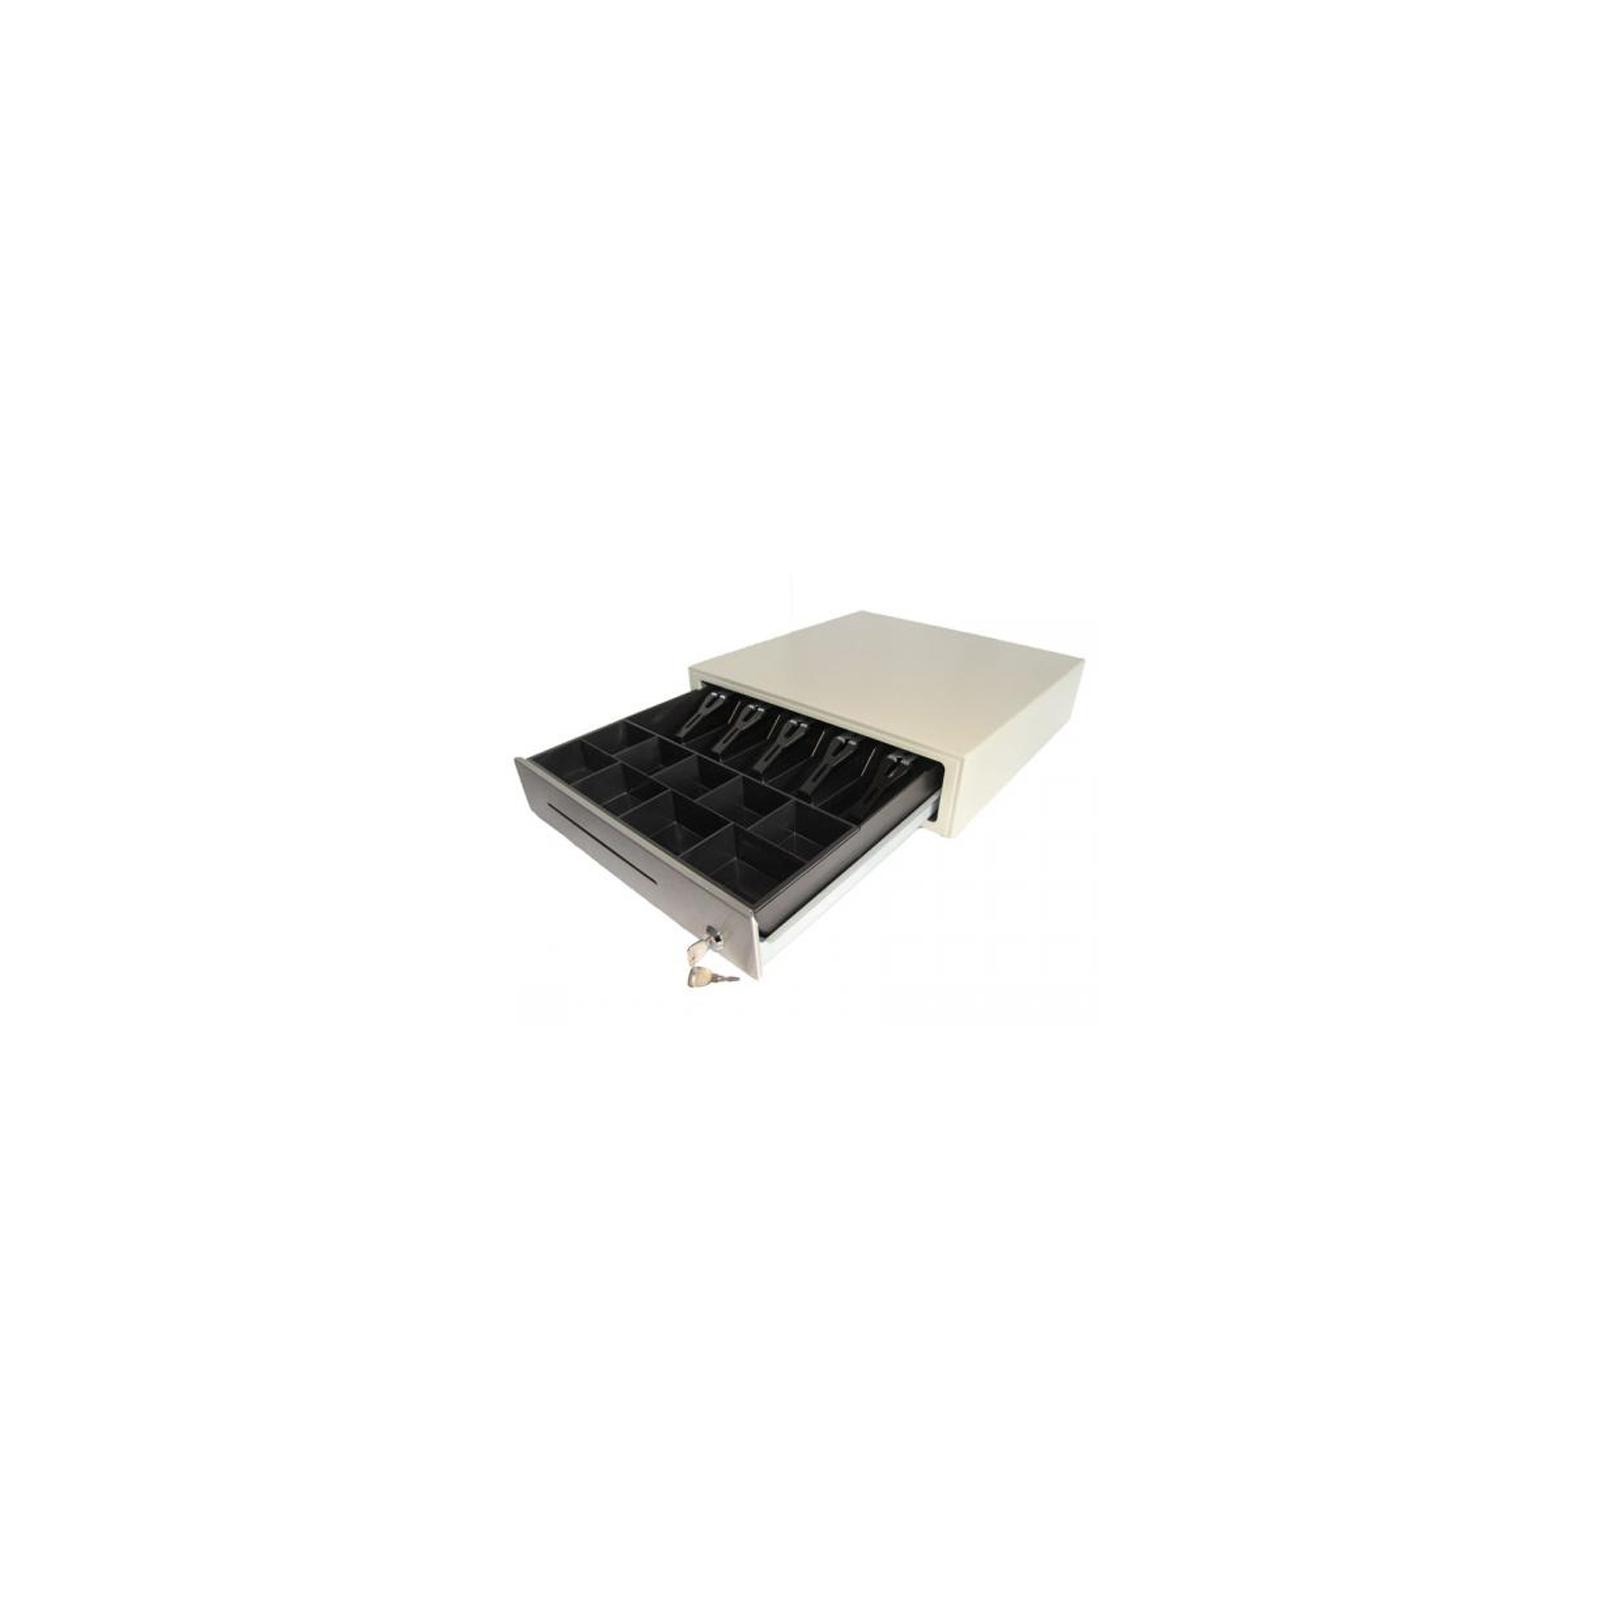 Денежный ящик HPC System HPC-16S Wh 24V изображение 2